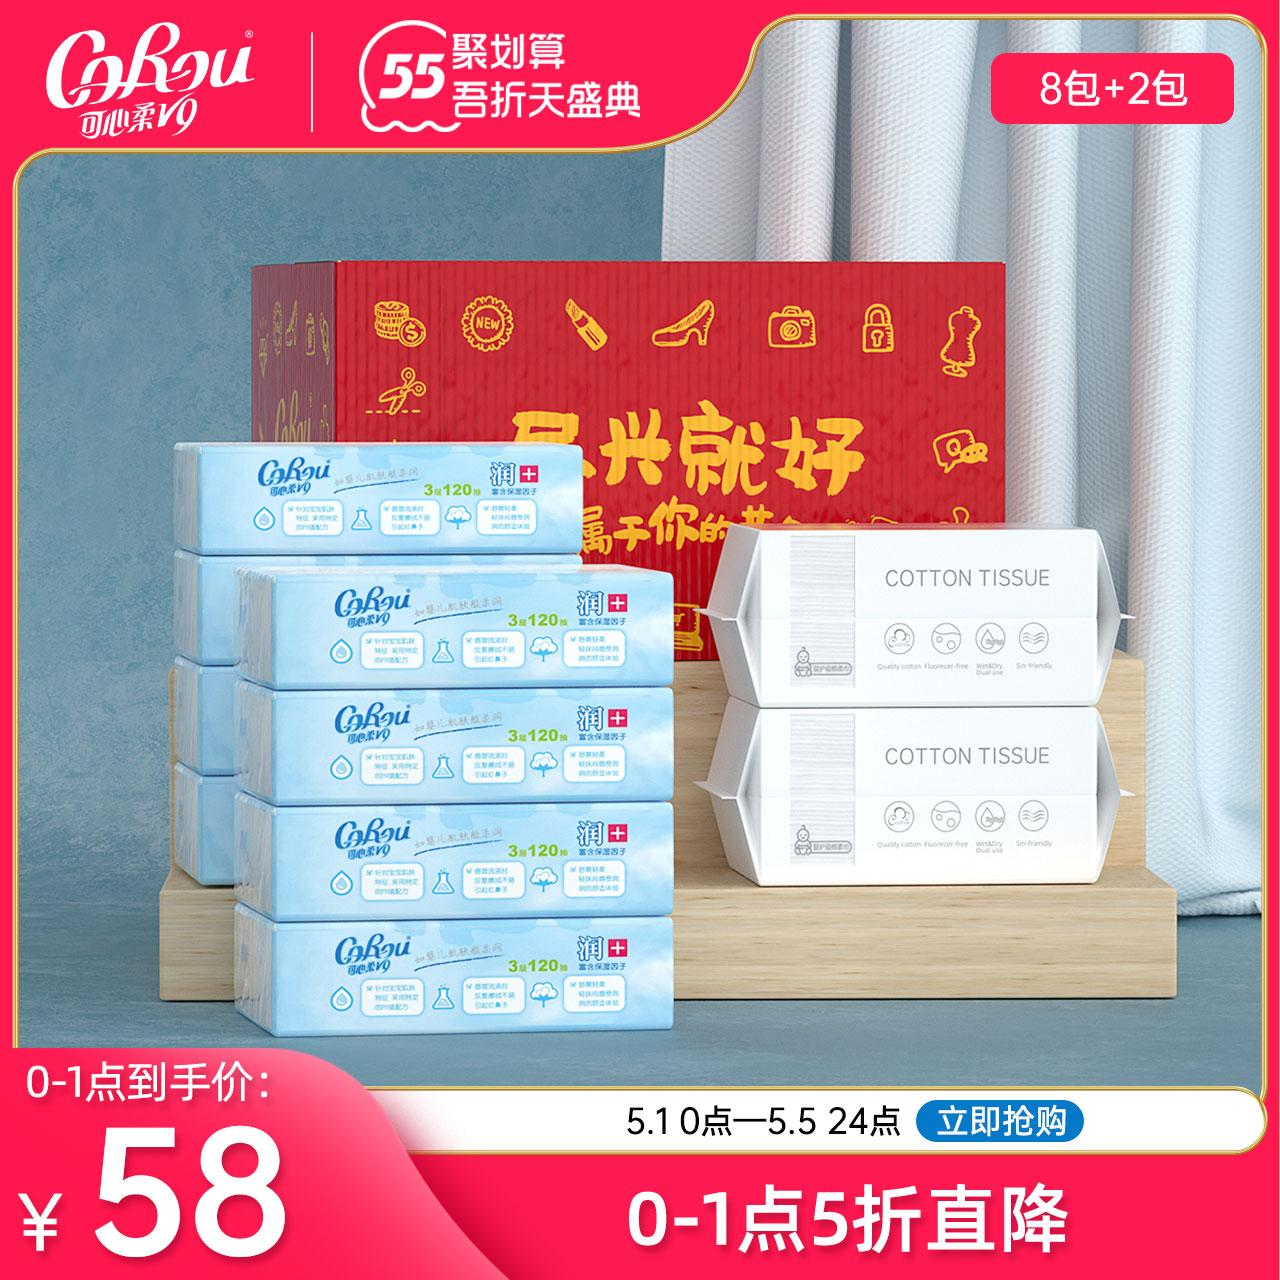 可心柔婴儿柔纸巾120抽8包装+干湿两用纯棉柔巾100抽2包装组合装